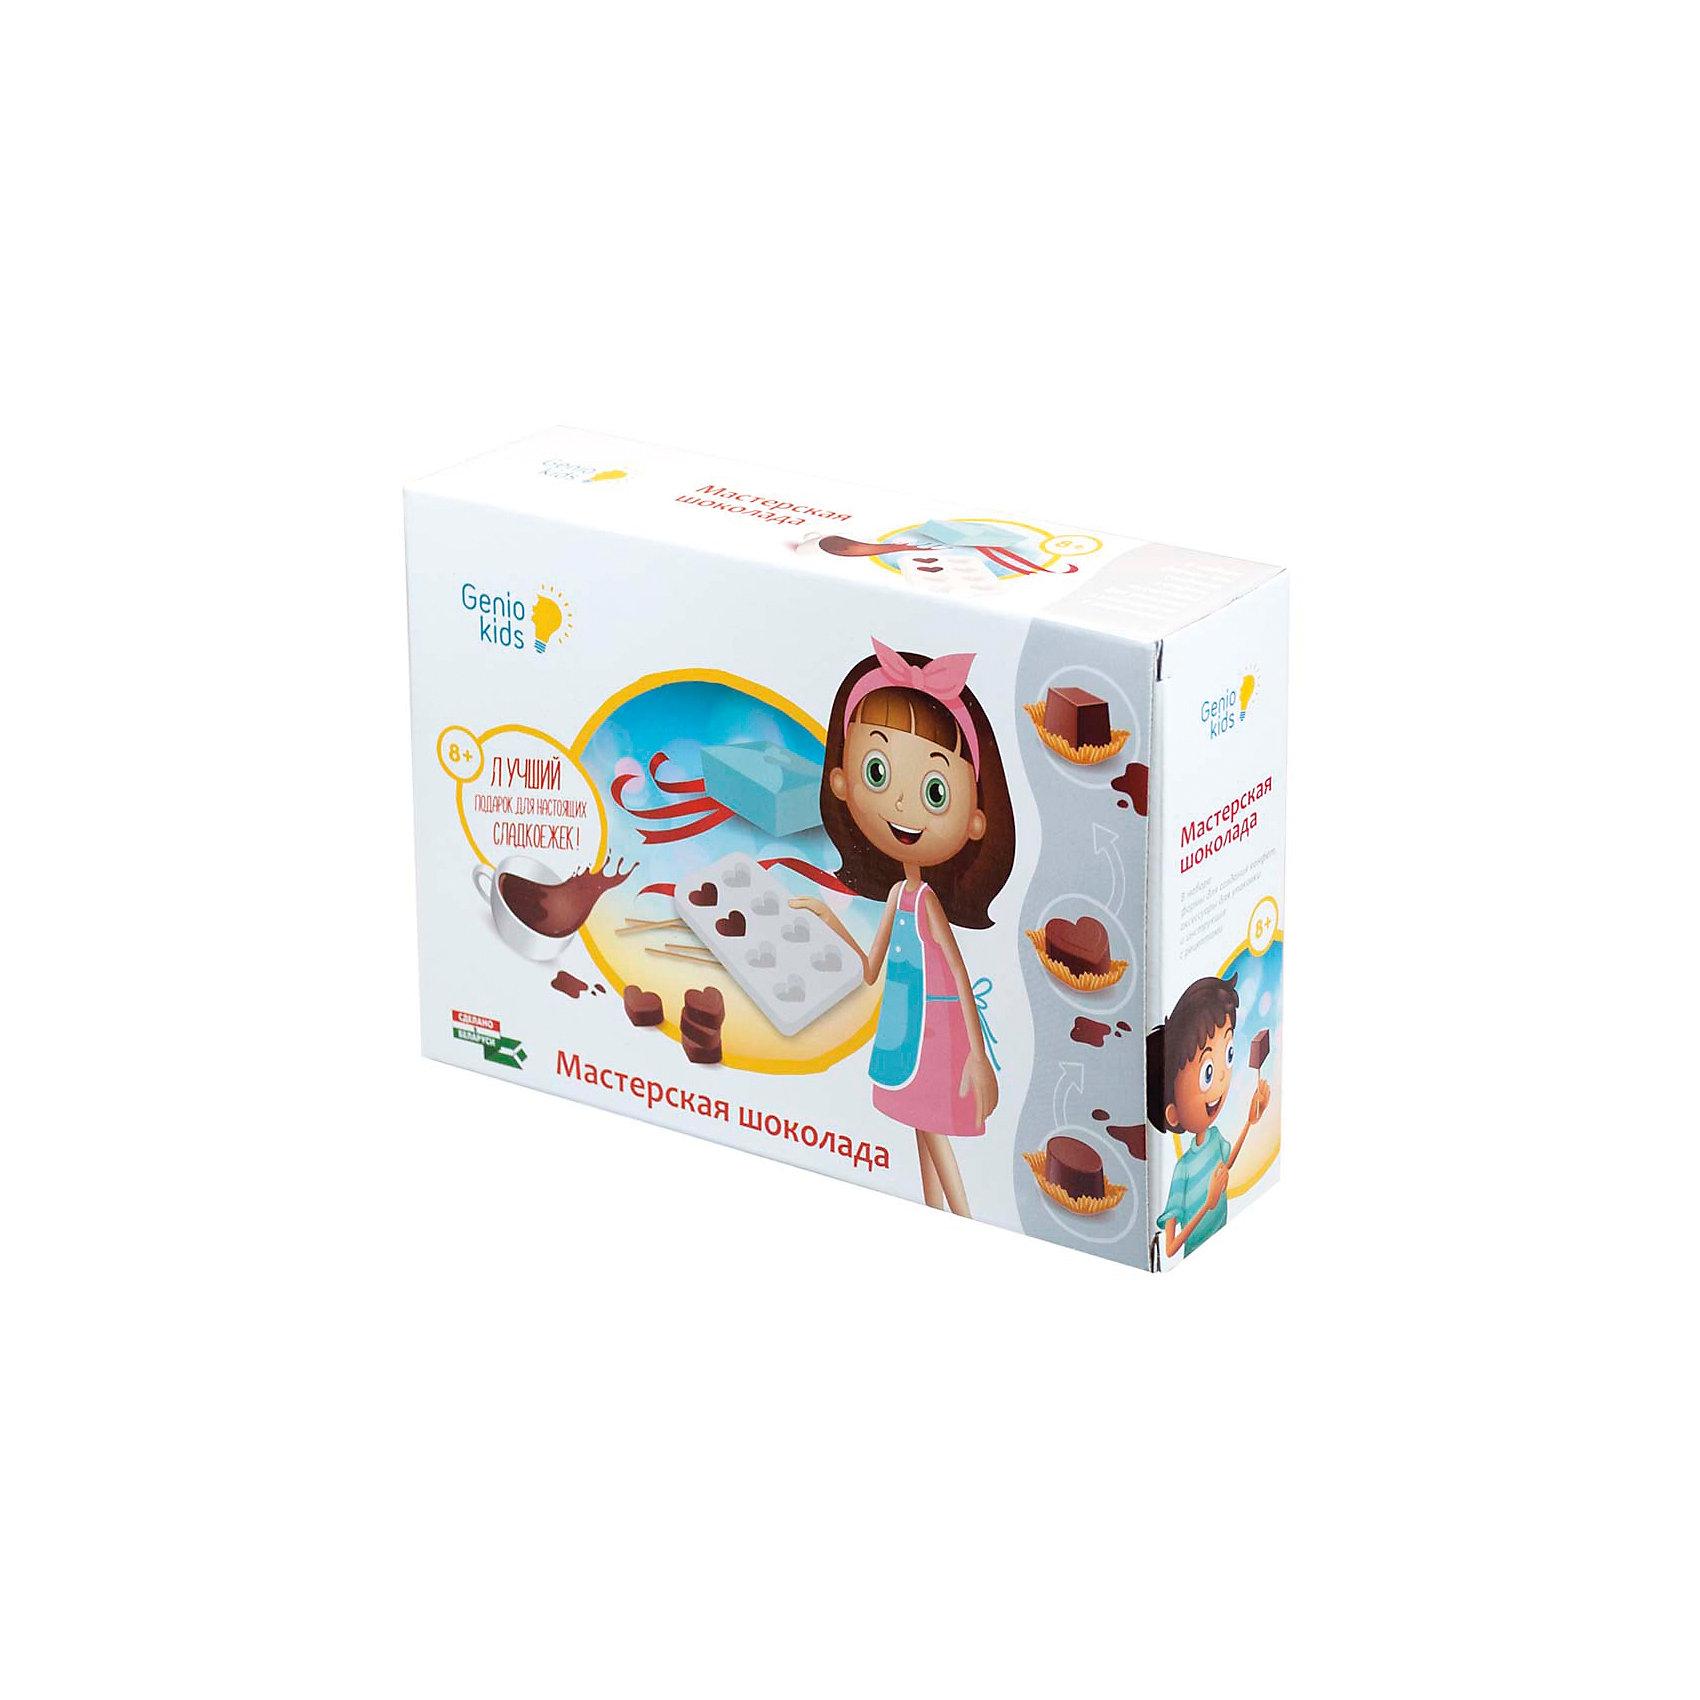 Набор для детского творчества Мастерская шоколадаКулинарные наборы<br>Набор для создания шоколадных конфет; в набор входят формочки для отливки конфет и декоративные аксессуары для упаковки: формы для фигурного шоколада - 2 шт, форма для шоколада на палочке - 1 шт, деревянные палочки - 10 шт, бумажные формы - 12 шт, заготовки для упаковок - 3 шт, упаковочные пакетики - 5 шт, ленточки - 5 шт, инструкция с рецептами - 1 шт.<br><br>Ширина мм: 240<br>Глубина мм: 170<br>Высота мм: 62<br>Вес г: 160<br>Возраст от месяцев: 36<br>Возраст до месяцев: 108<br>Пол: Унисекс<br>Возраст: Детский<br>SKU: 5018346